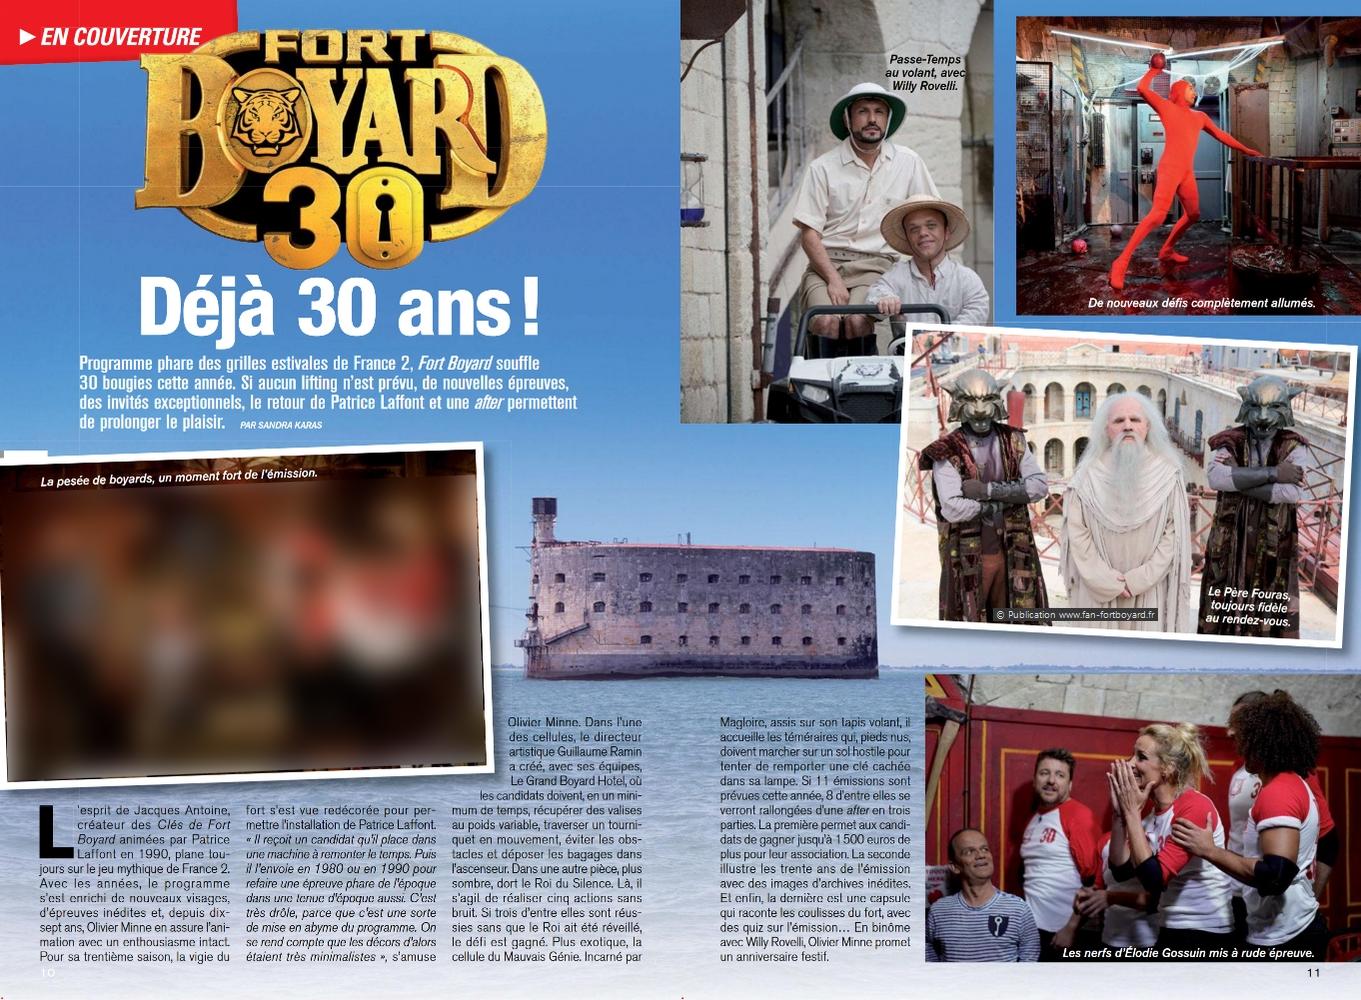 Revue de presse : Articles et reportages qui parlent de Fort Boyard 2019 Fort-boyard-2019-presse-telemagazine-02